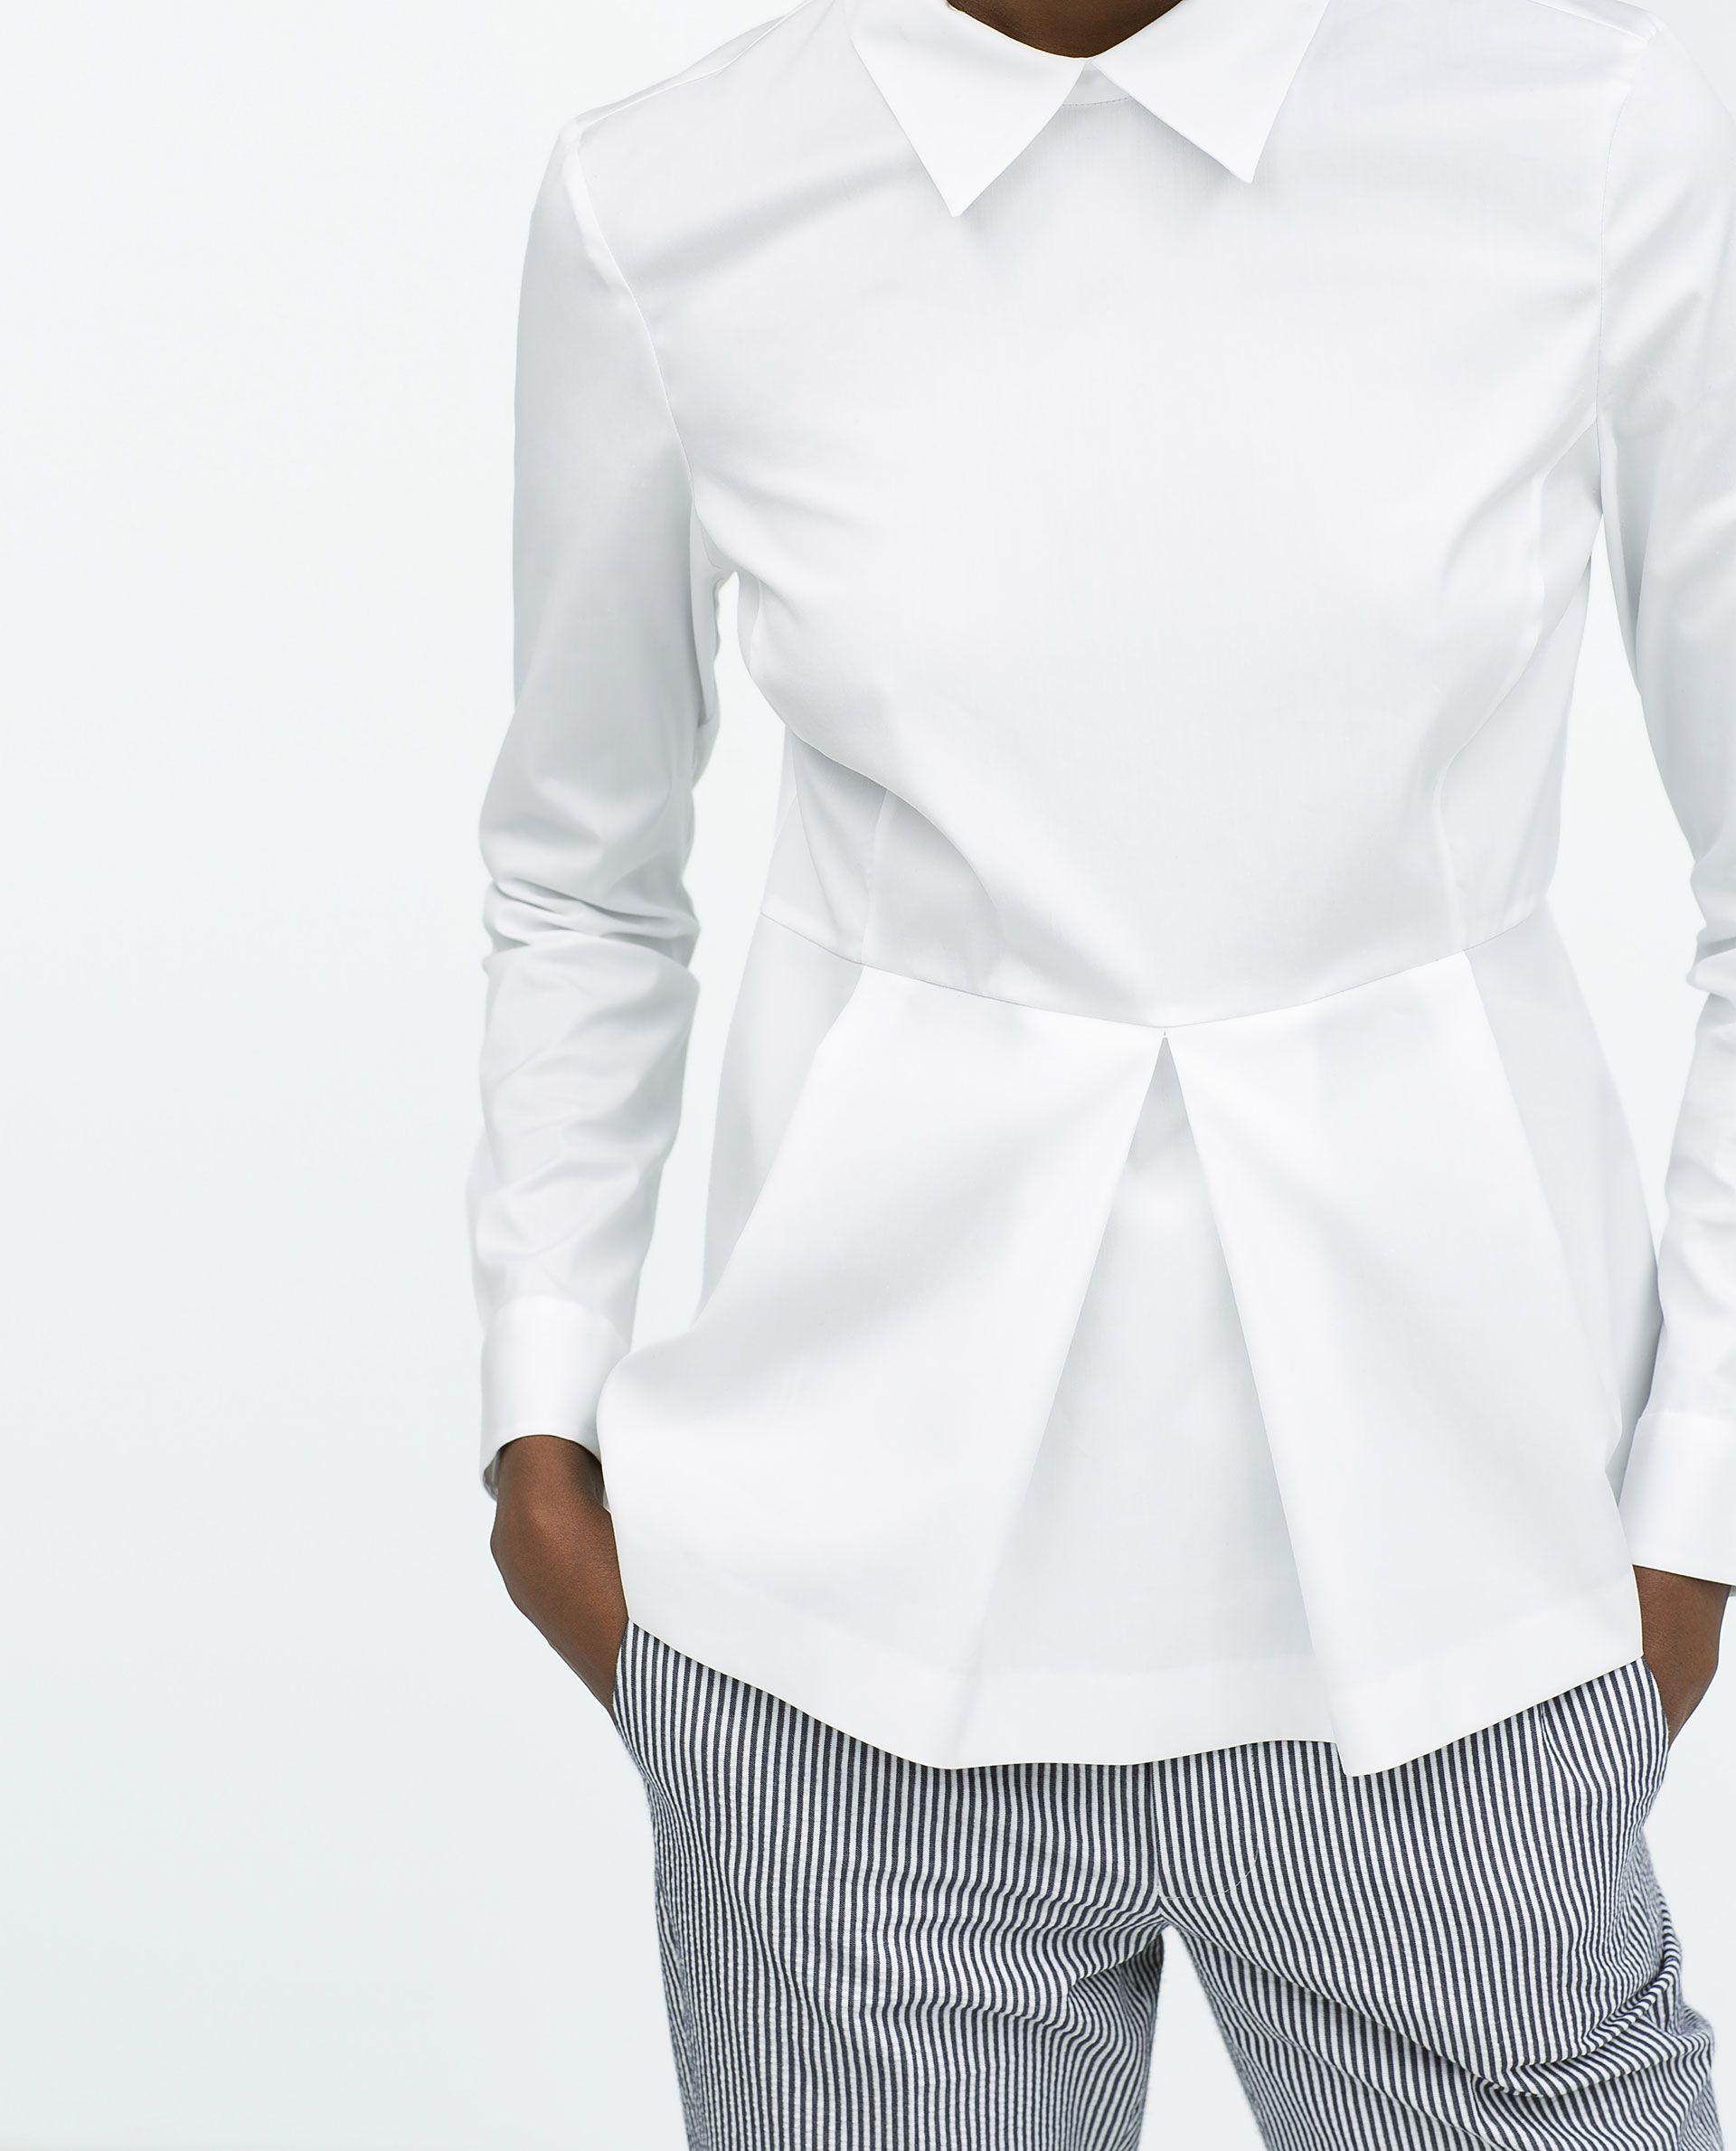 6862f6d8bb5ec ZARA - WOMAN - POPLIN PEPLUM TOP. ZARA - WOMAN - POPLIN PEPLUM TOP White  Shirts Women